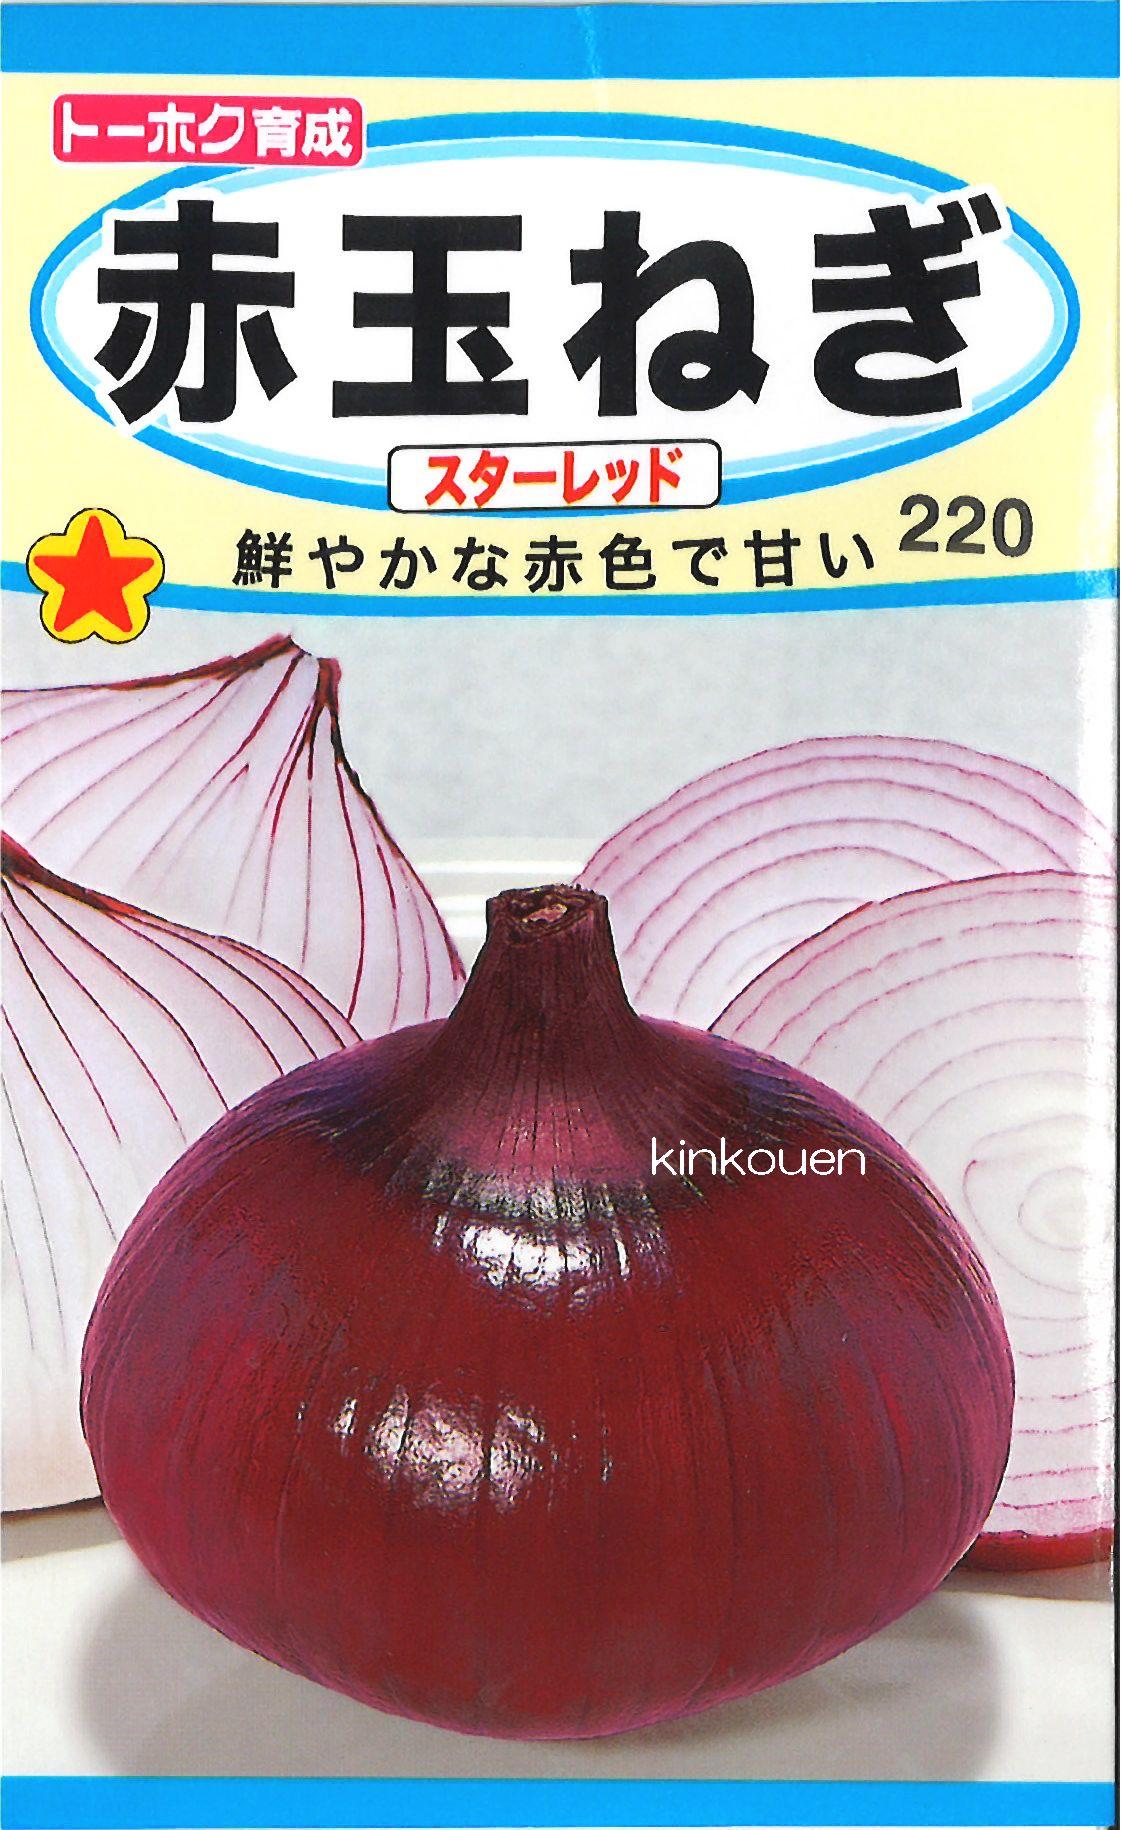 【代引不可】【5袋まで送料80円】□赤玉ねぎスターレッド